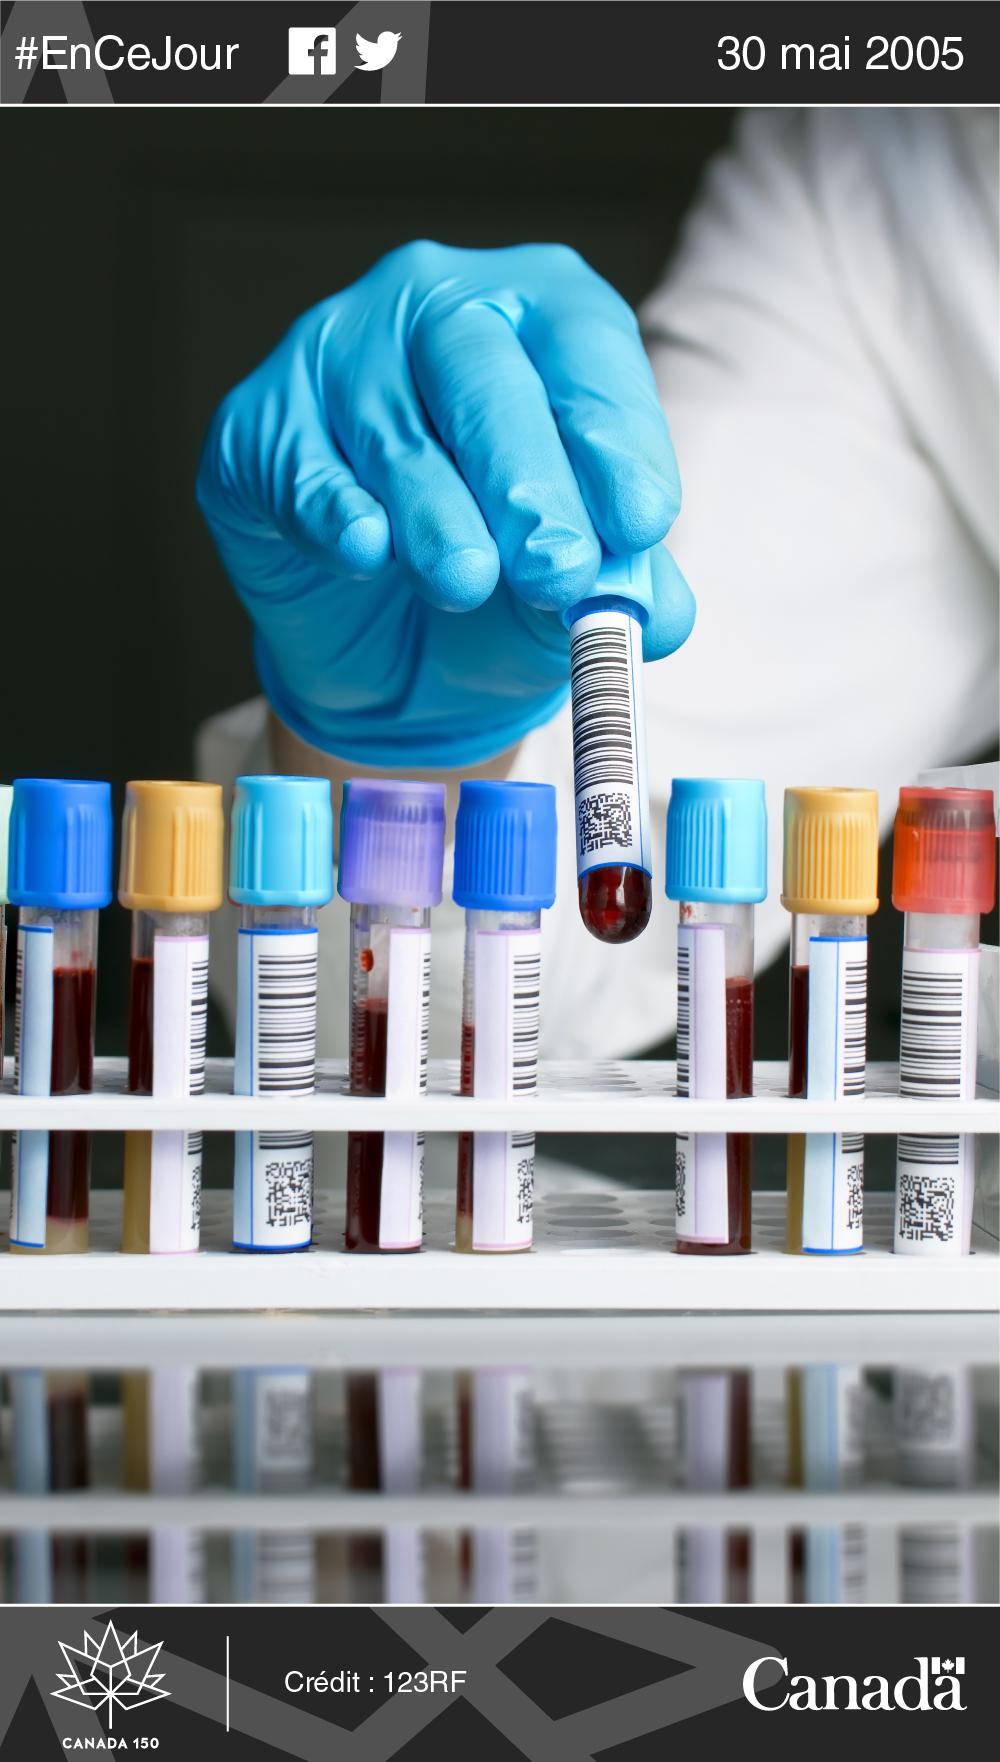 Photo d'un technicien de laboratoire manipulant des échantillons de sang.